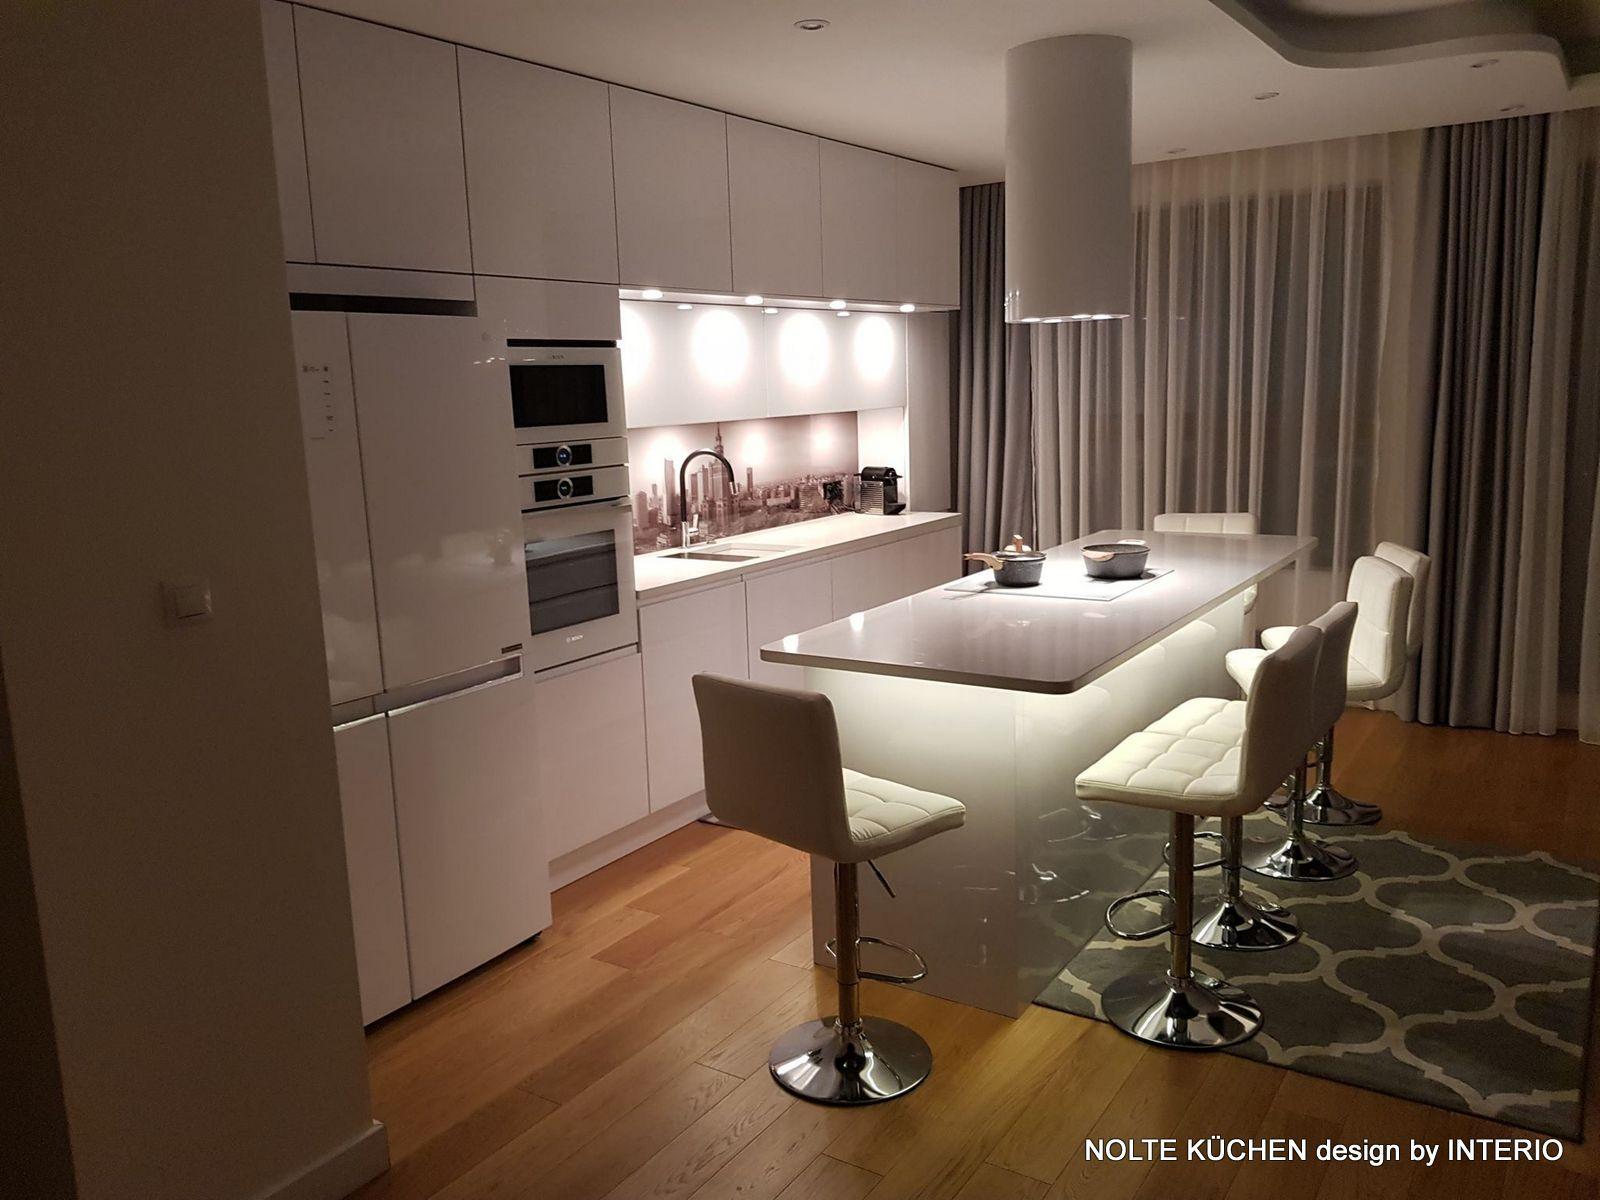 Biala Kuchnia W Polysku Z Niesamowita Podswietlana Wyspa Kitchen Design Whitekitchen Light Mykitchen Home Home Decor Decor